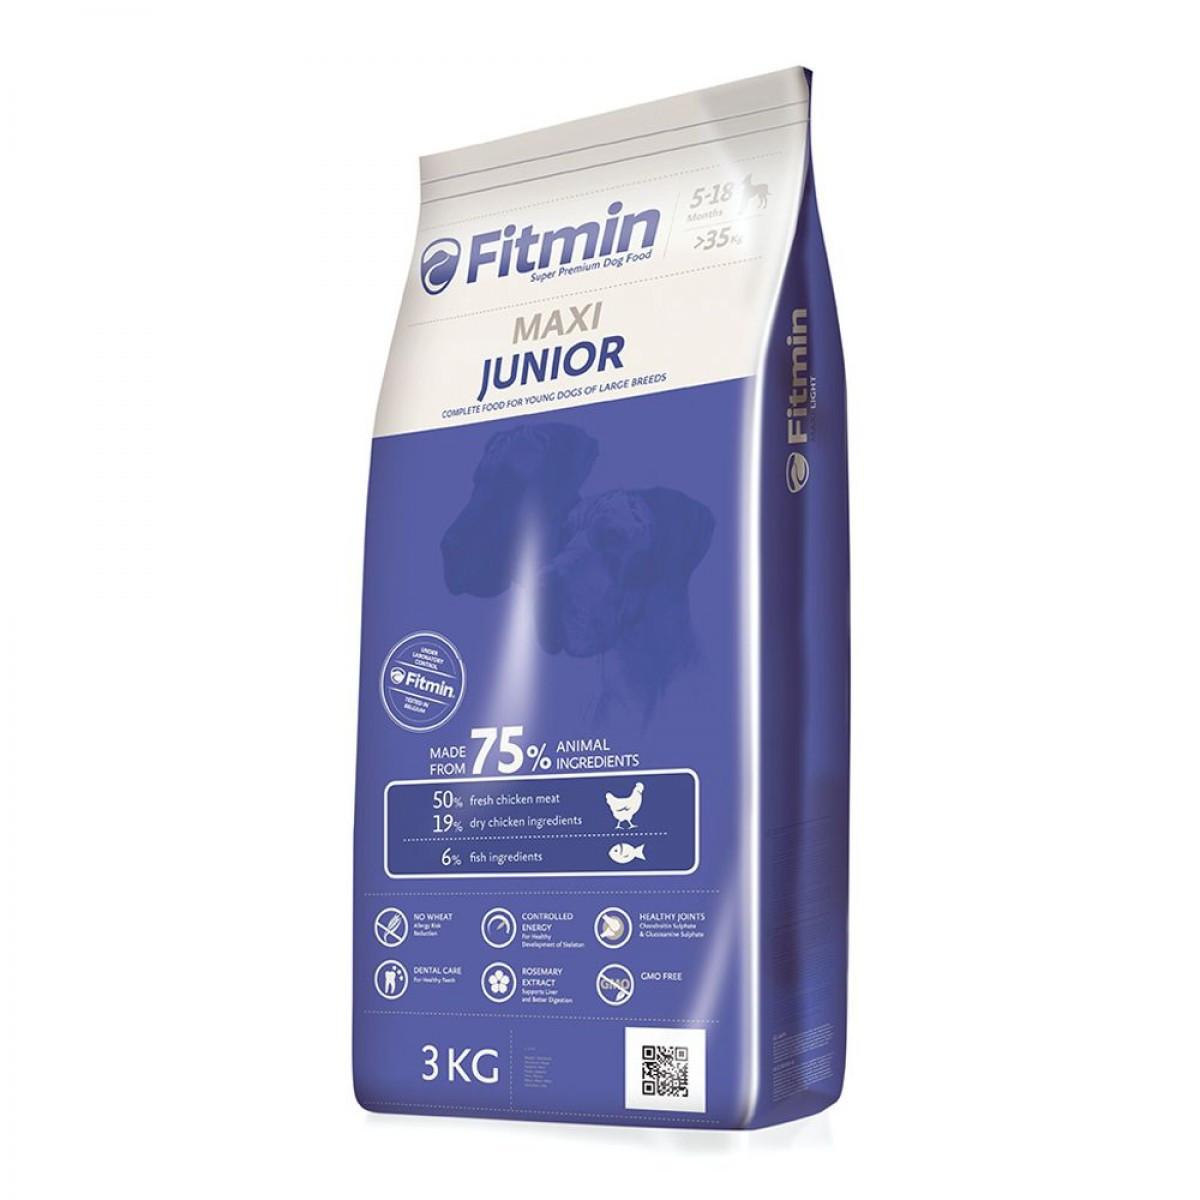 Fitmin Dog Maxi Junior 3 кг. Корм для щенков крупных пород от 5-ти до 18-ти месяцев